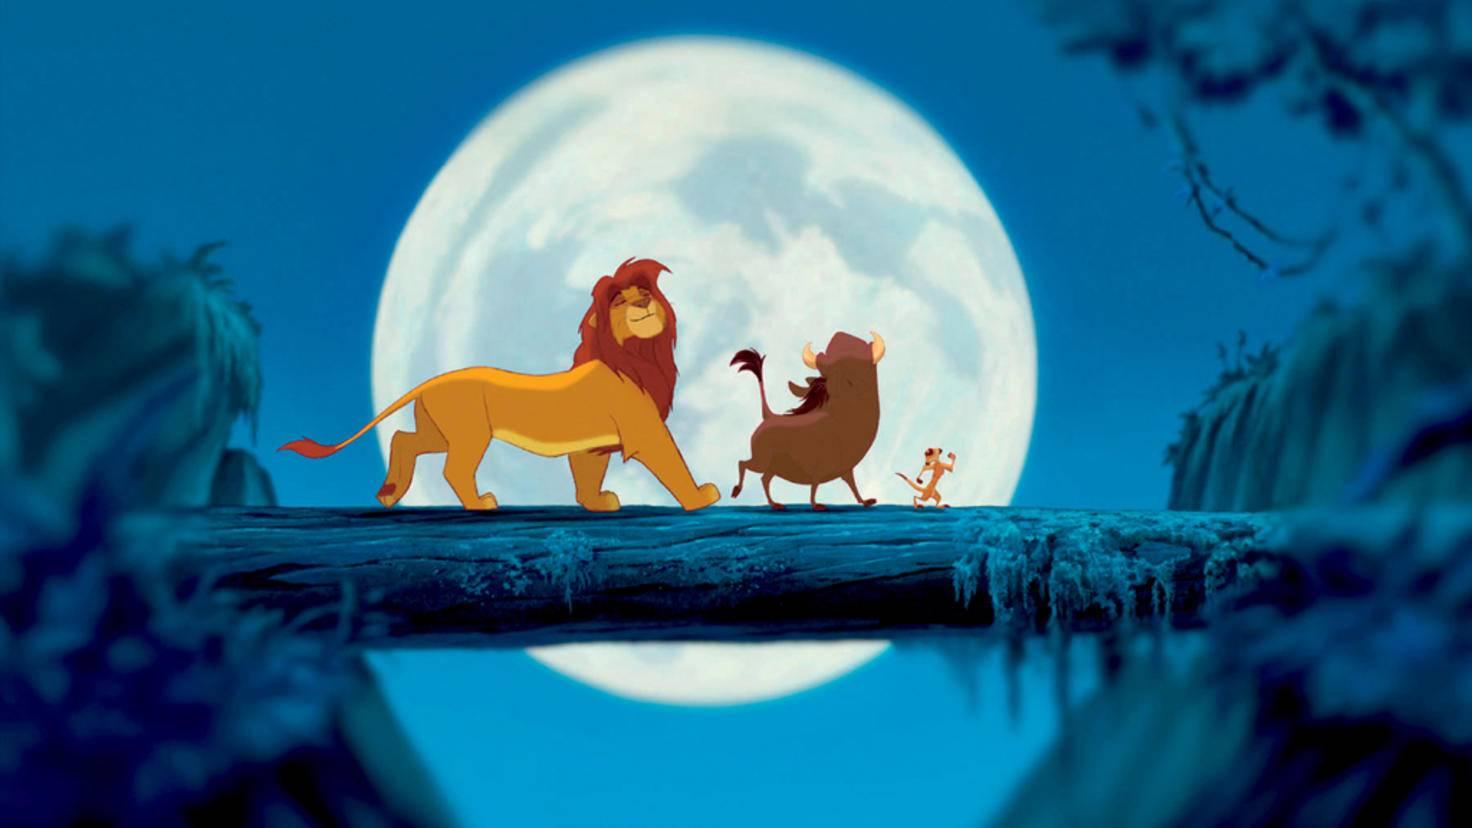 """?Der K?nig der L?wen"""" ist ab 10. November 2011 in 2D und 3D in ausgew?hlten Kinos zu sehen und erscheint zeitgleich auf DVD, Blu-ray und 3D Blu-ray Disc!"""